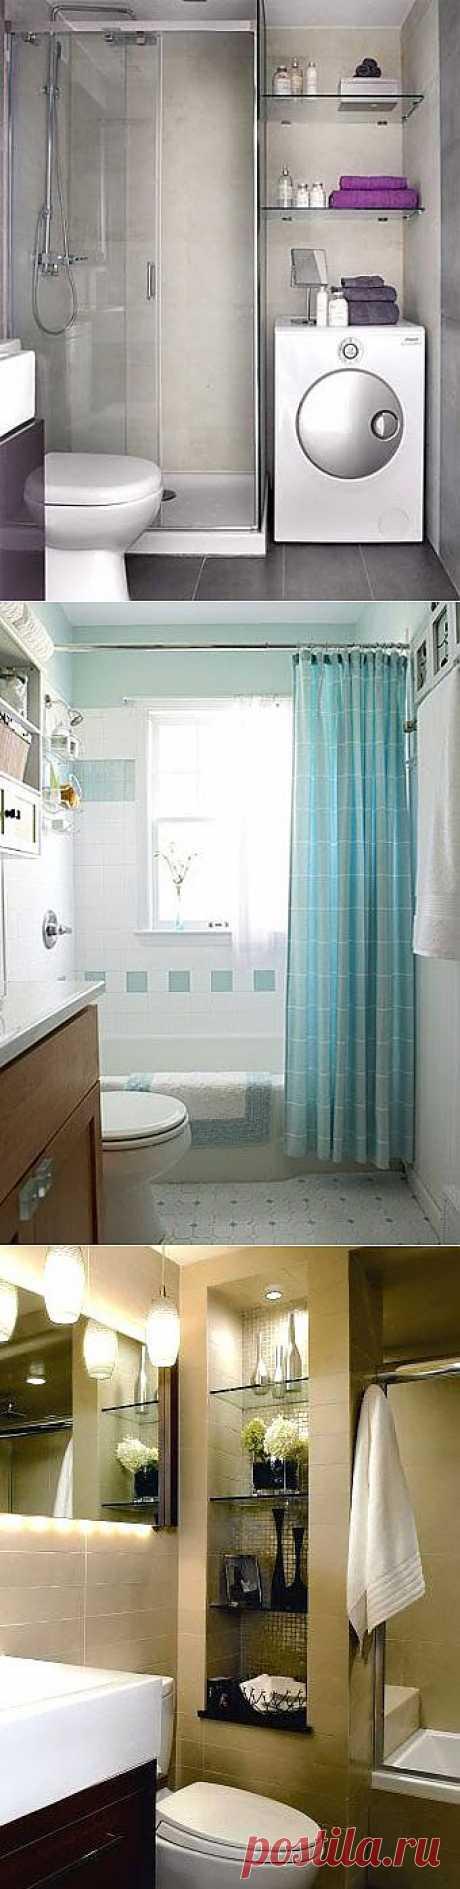 19 modos de aumentar visualmente el cuarto de baño: la iluminación local, la pintura especial de las paredes...